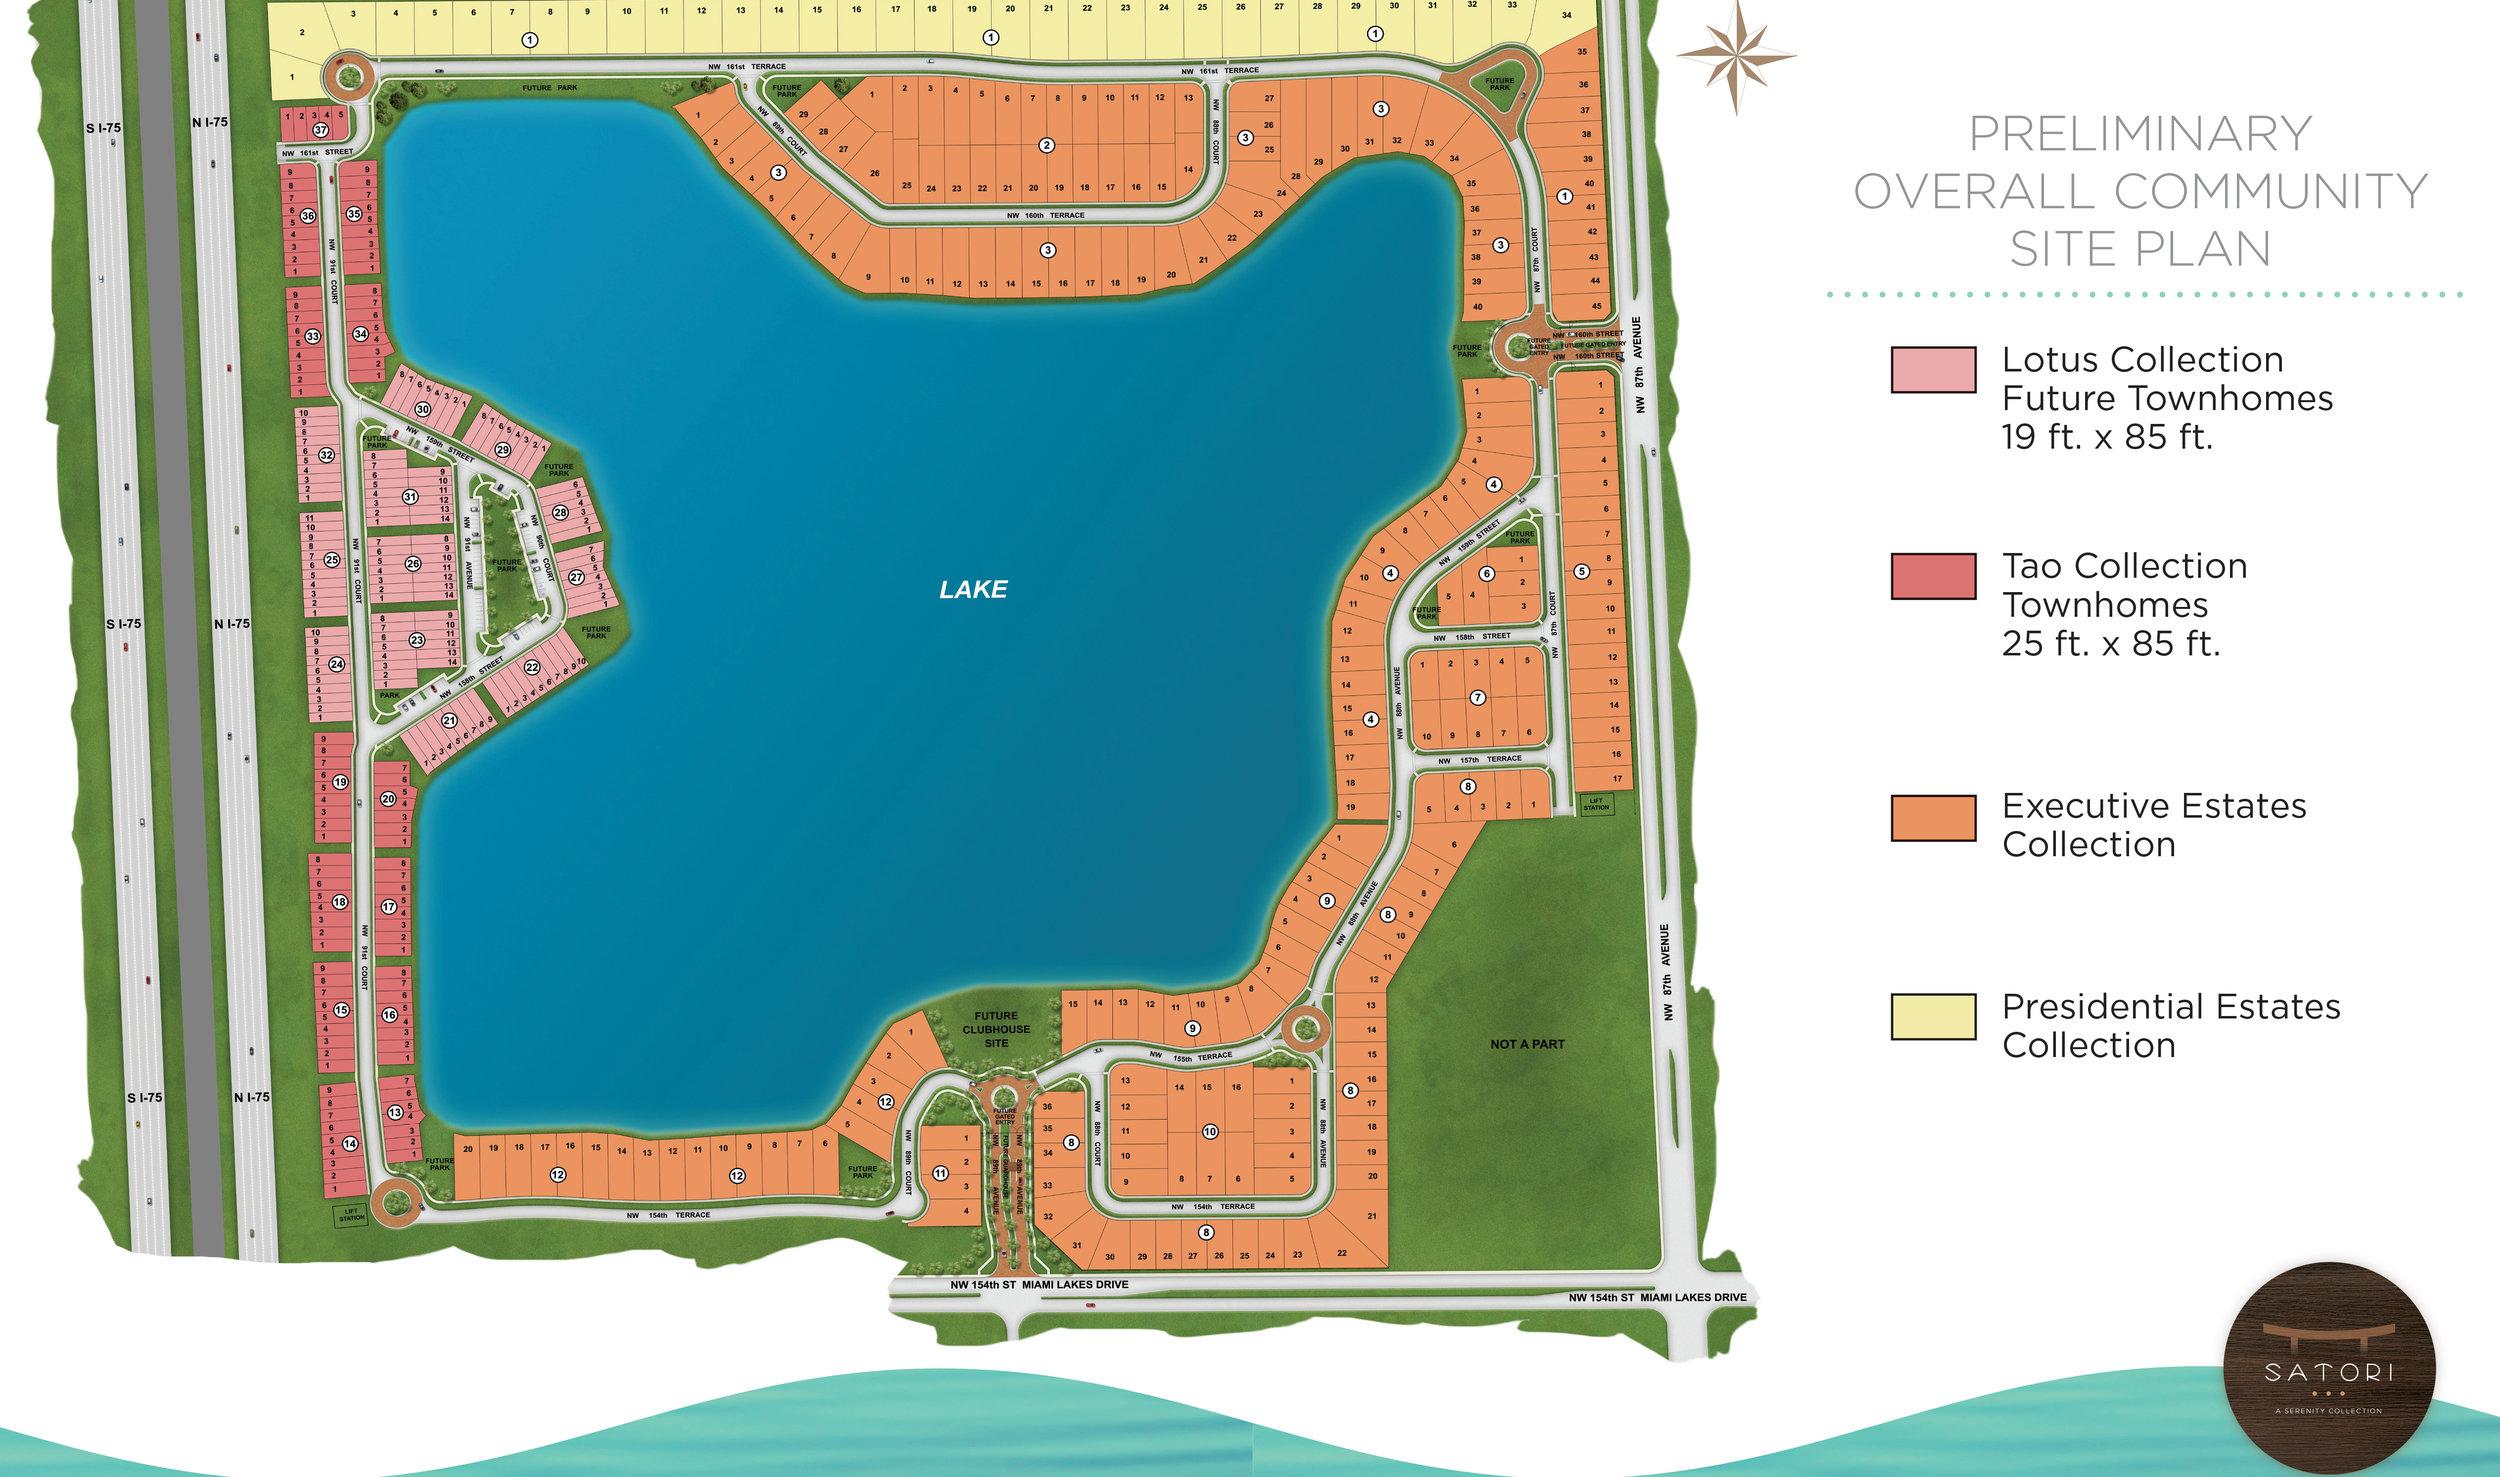 Satori Miami Lakes Site Plan